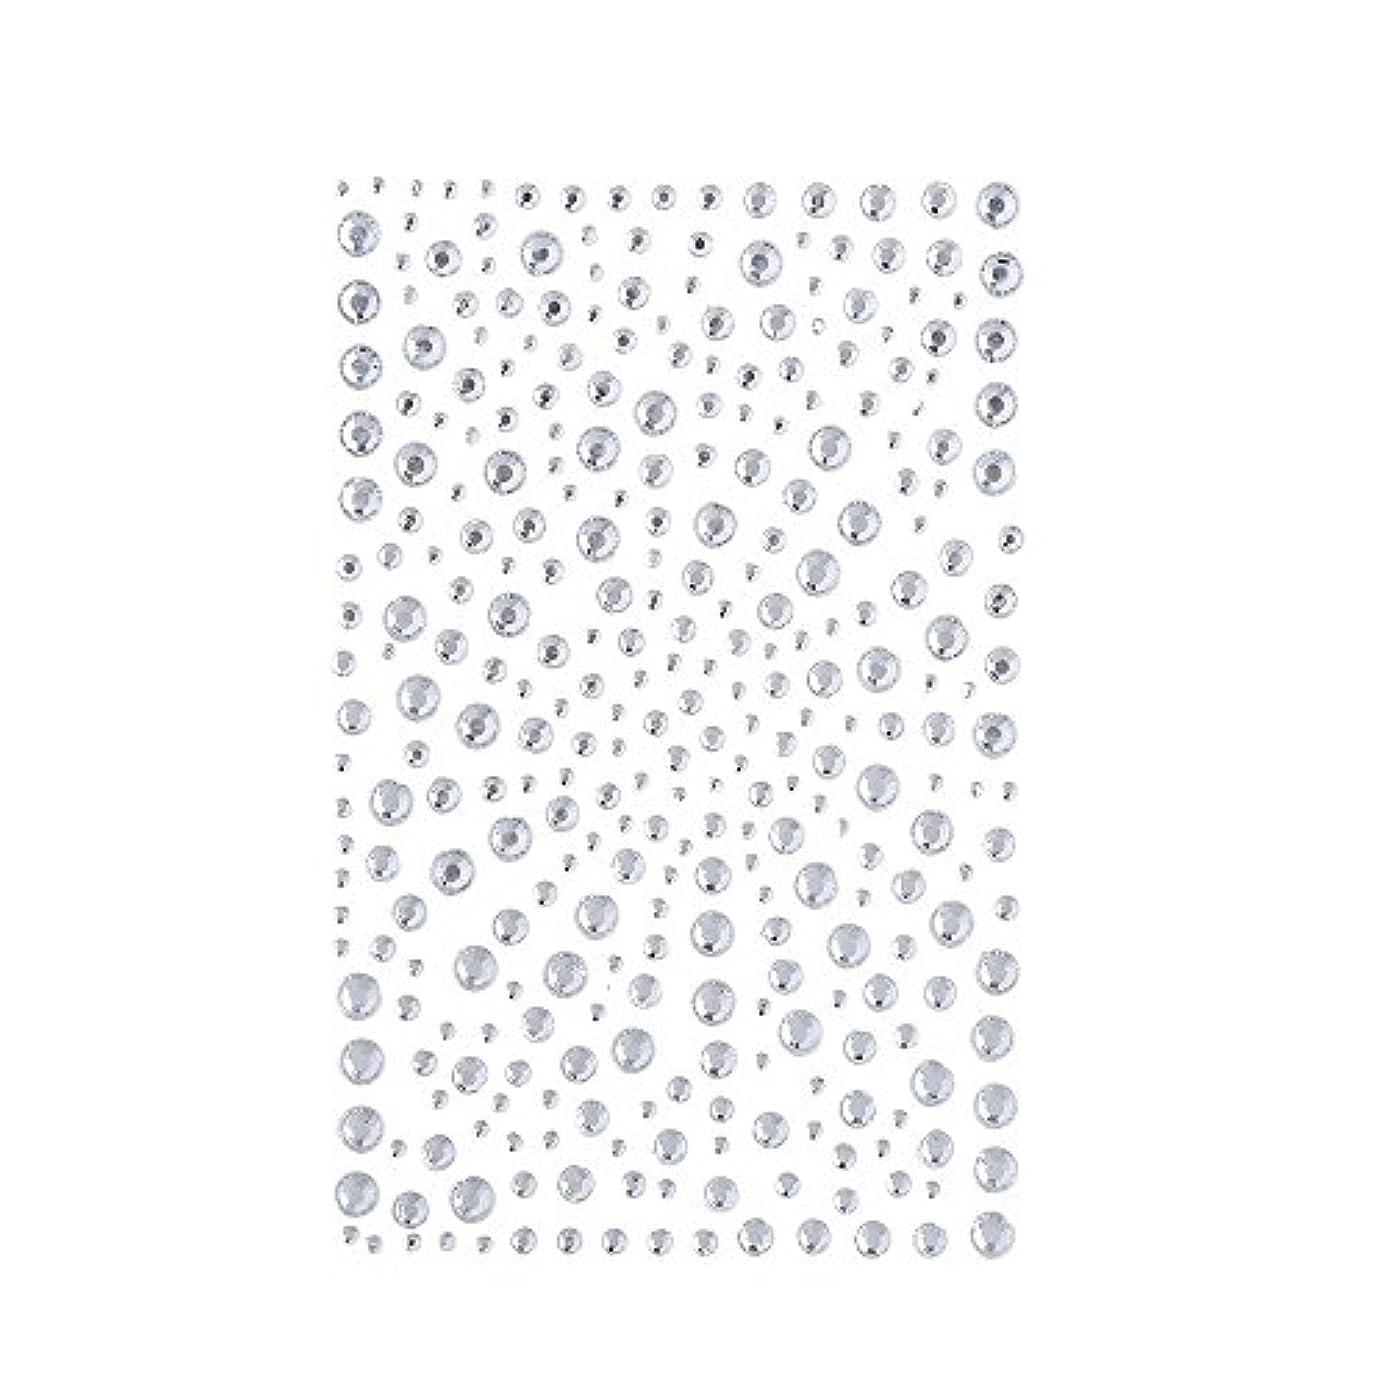 スリッパ農業の力ラインストーン 人工ダイヤモンド スワロフスキー ホットフィックス 325粒 (白)